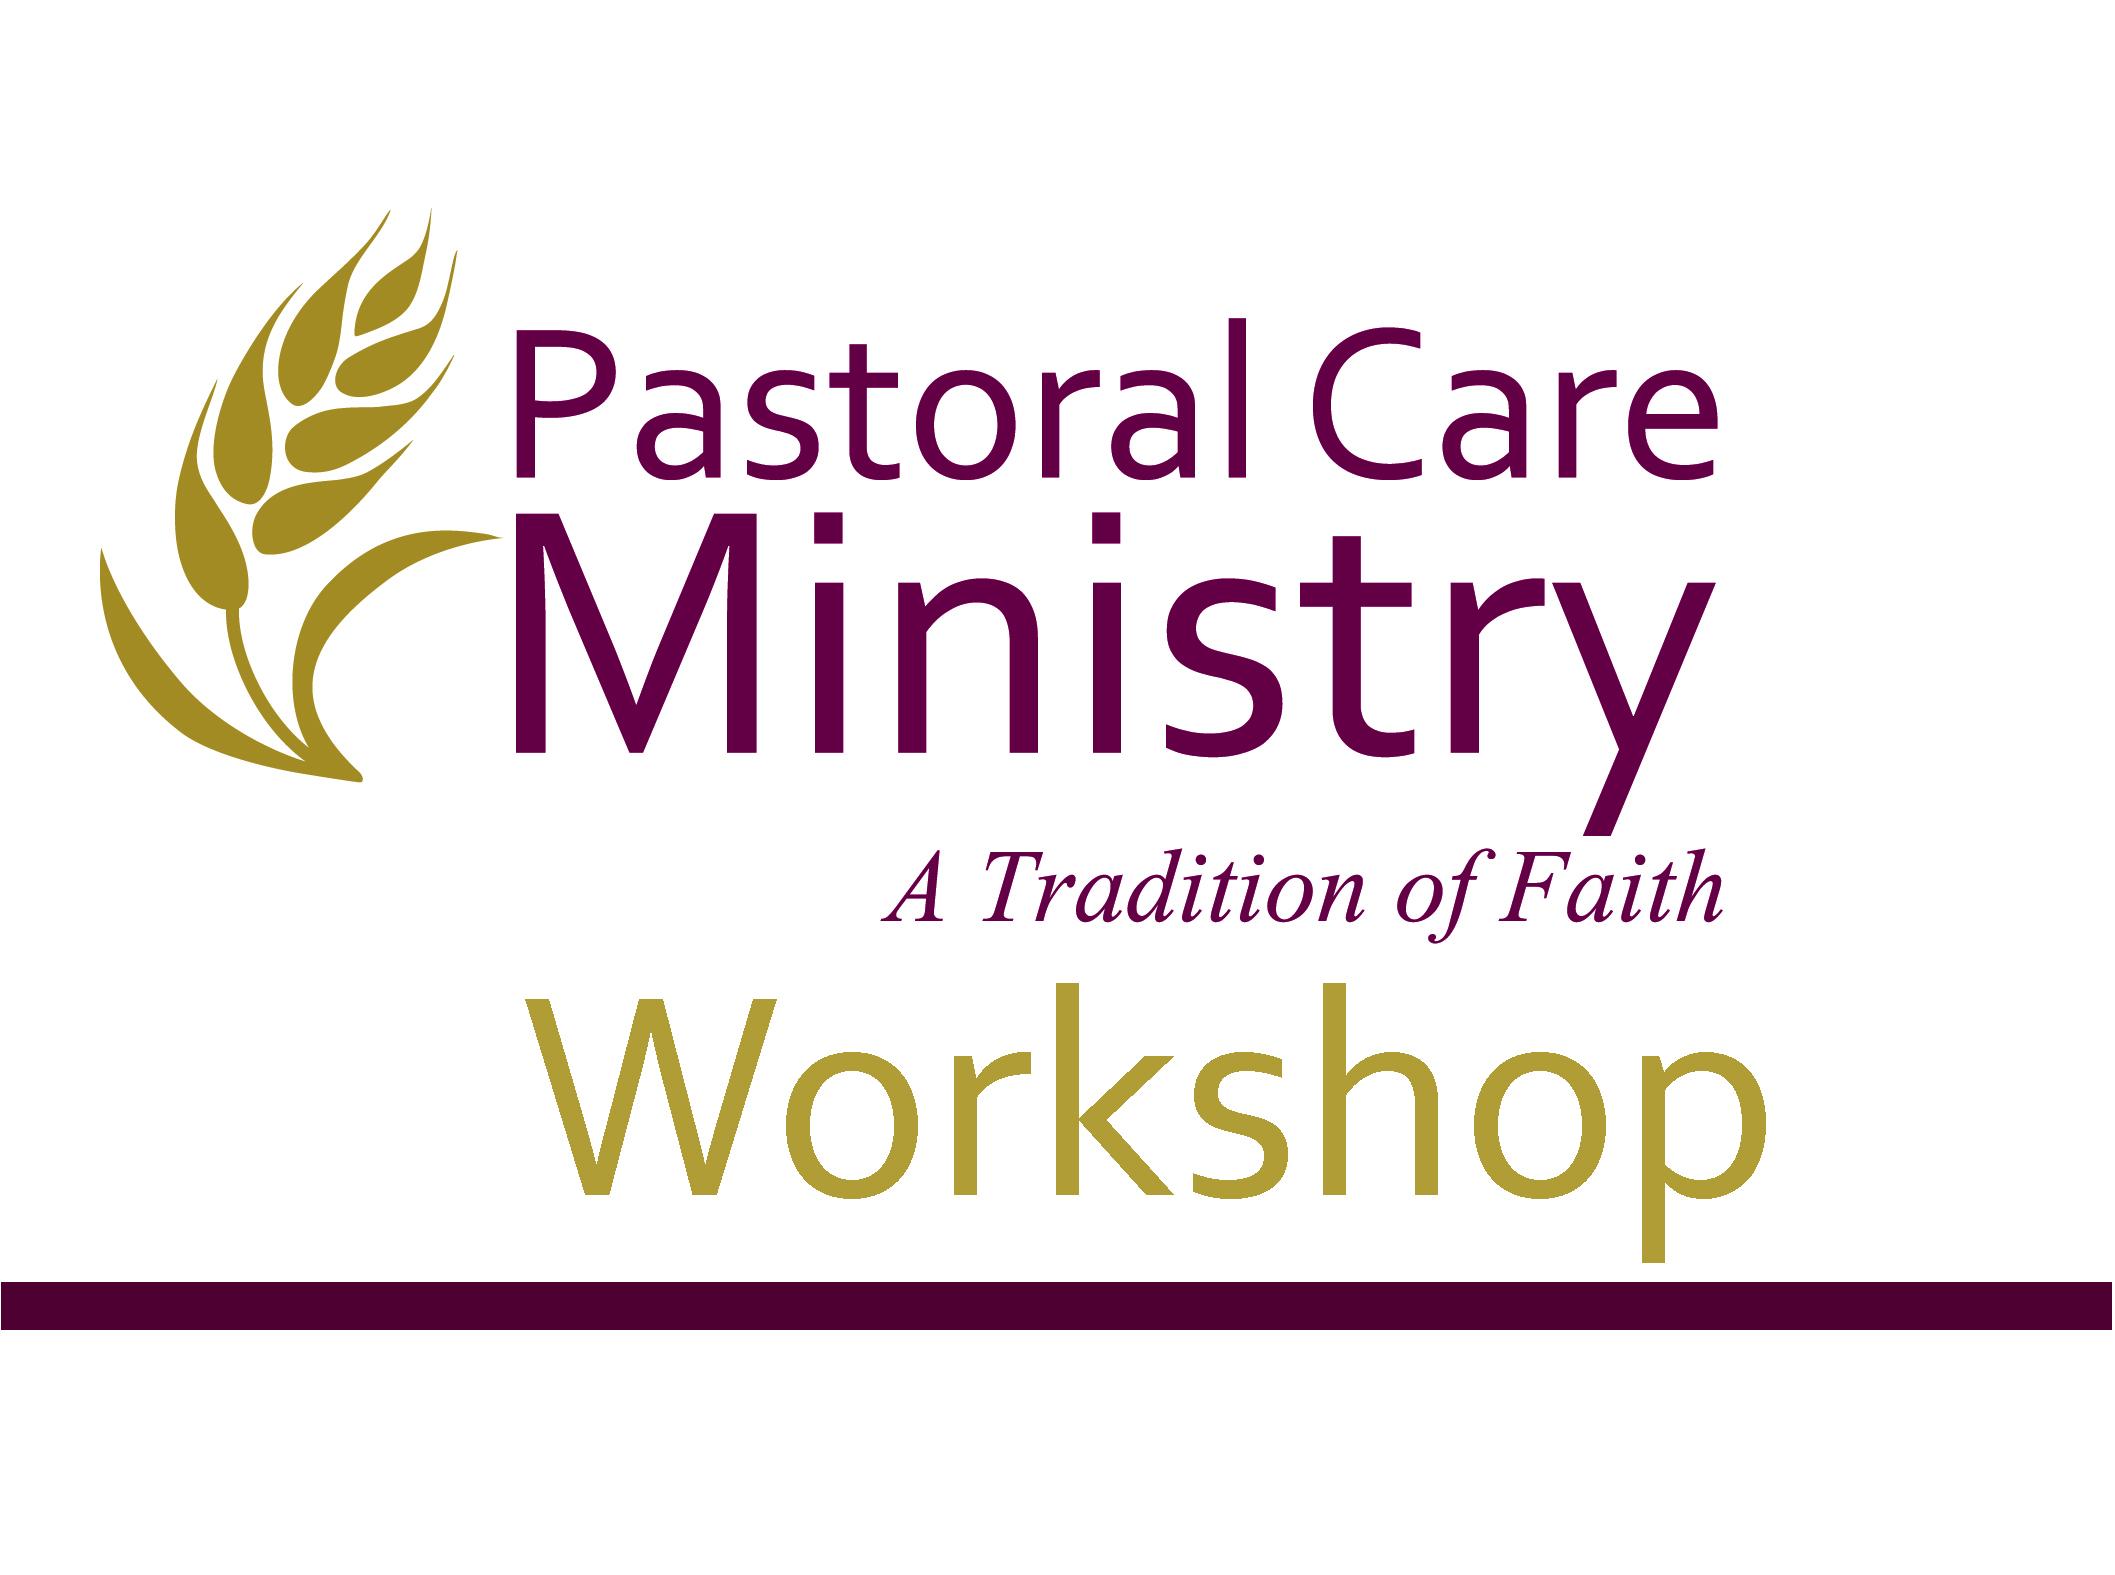 Pastoral Care Ministry Workshop